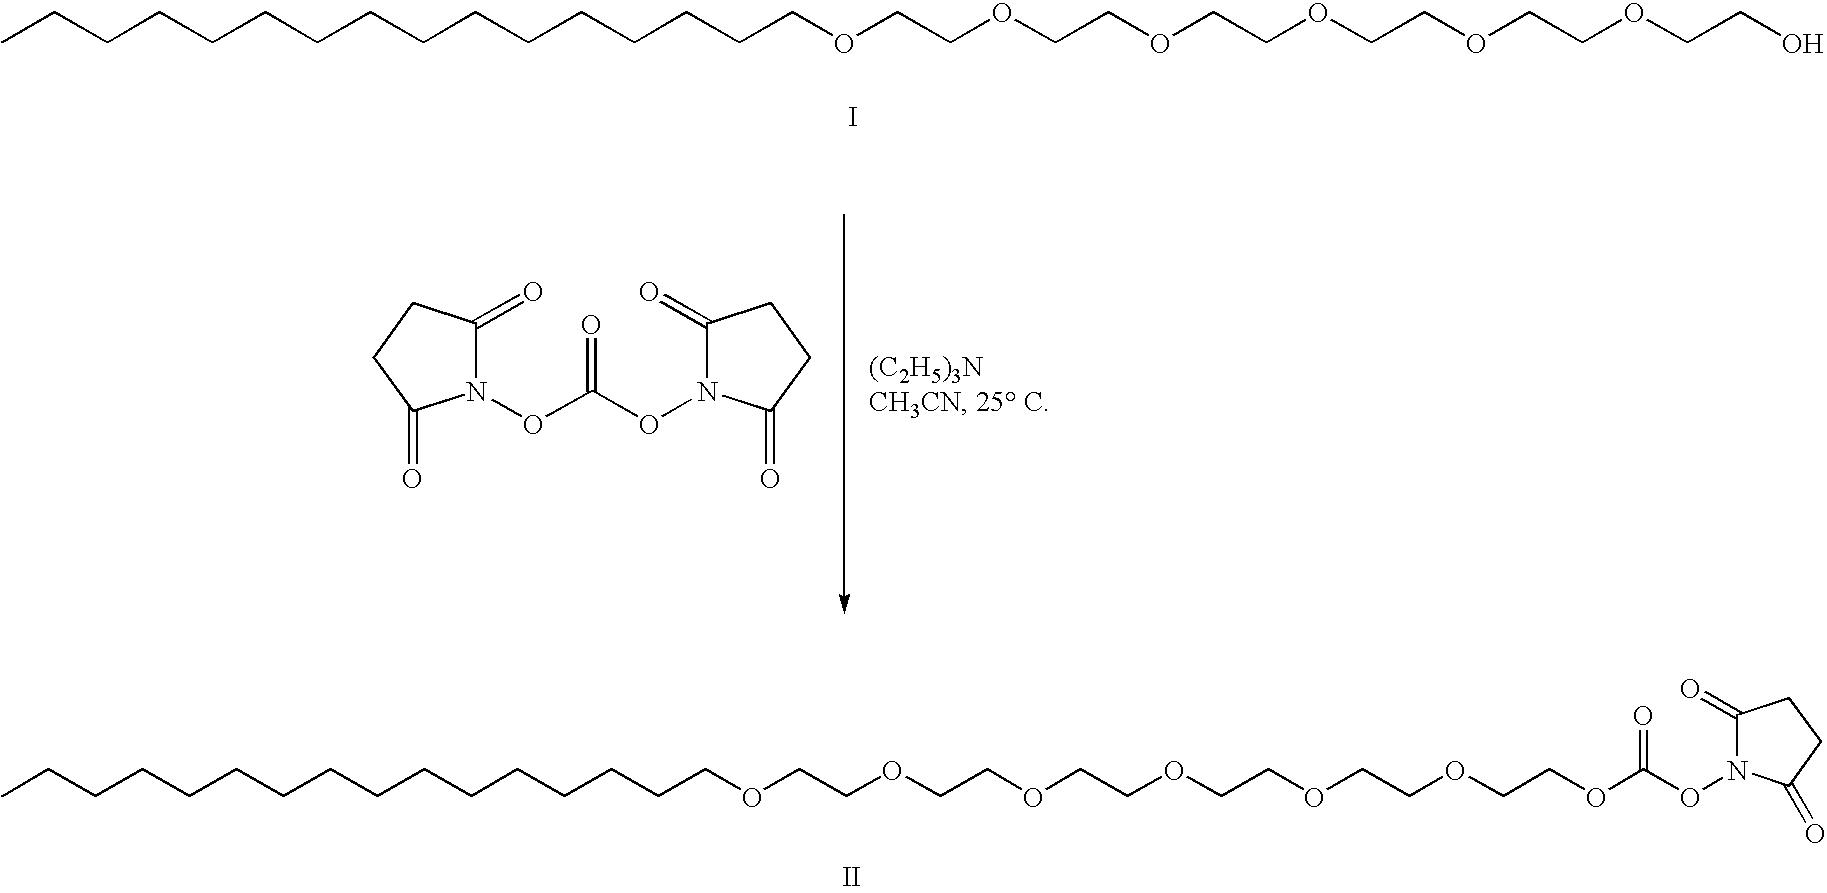 Figure US07662773-20100216-C00024